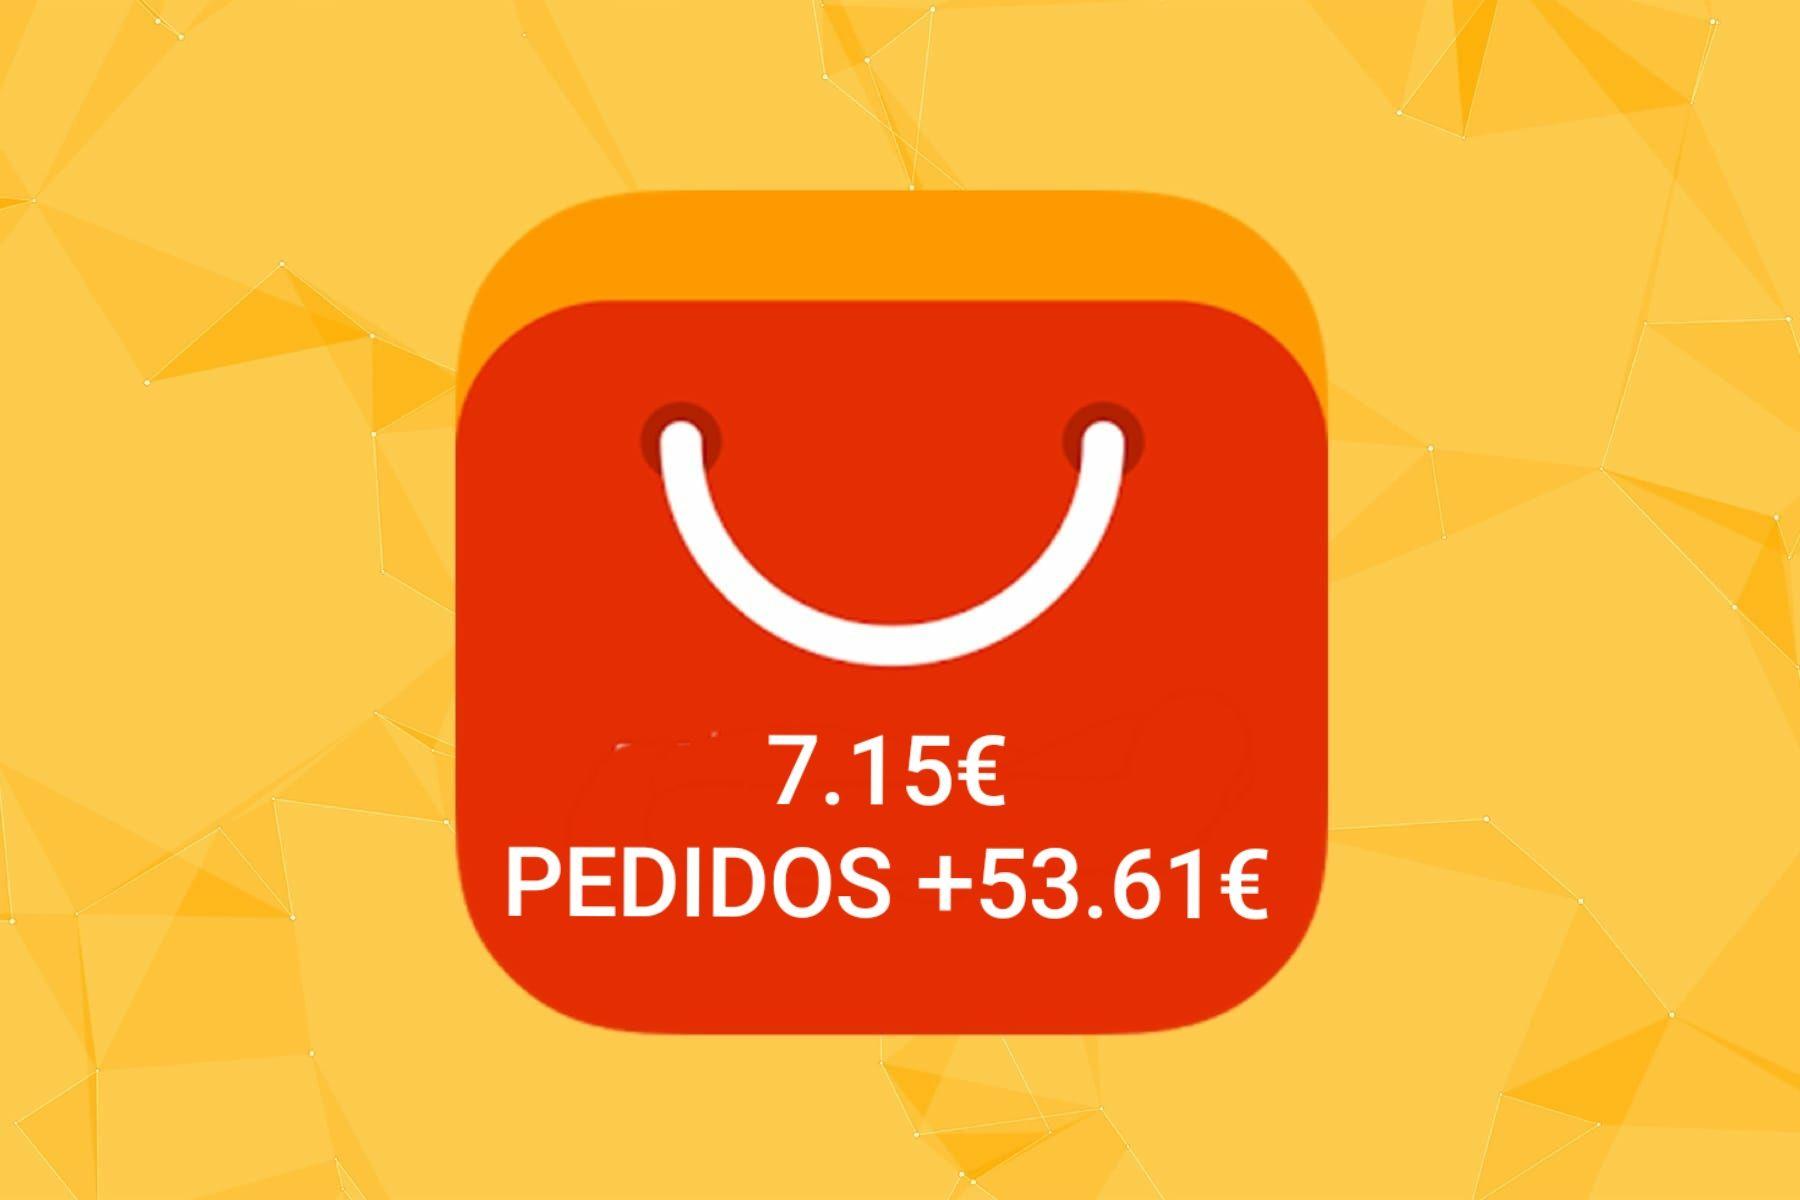 [11.11] Cupón de descuento de 7.15€ pedido +53.61€